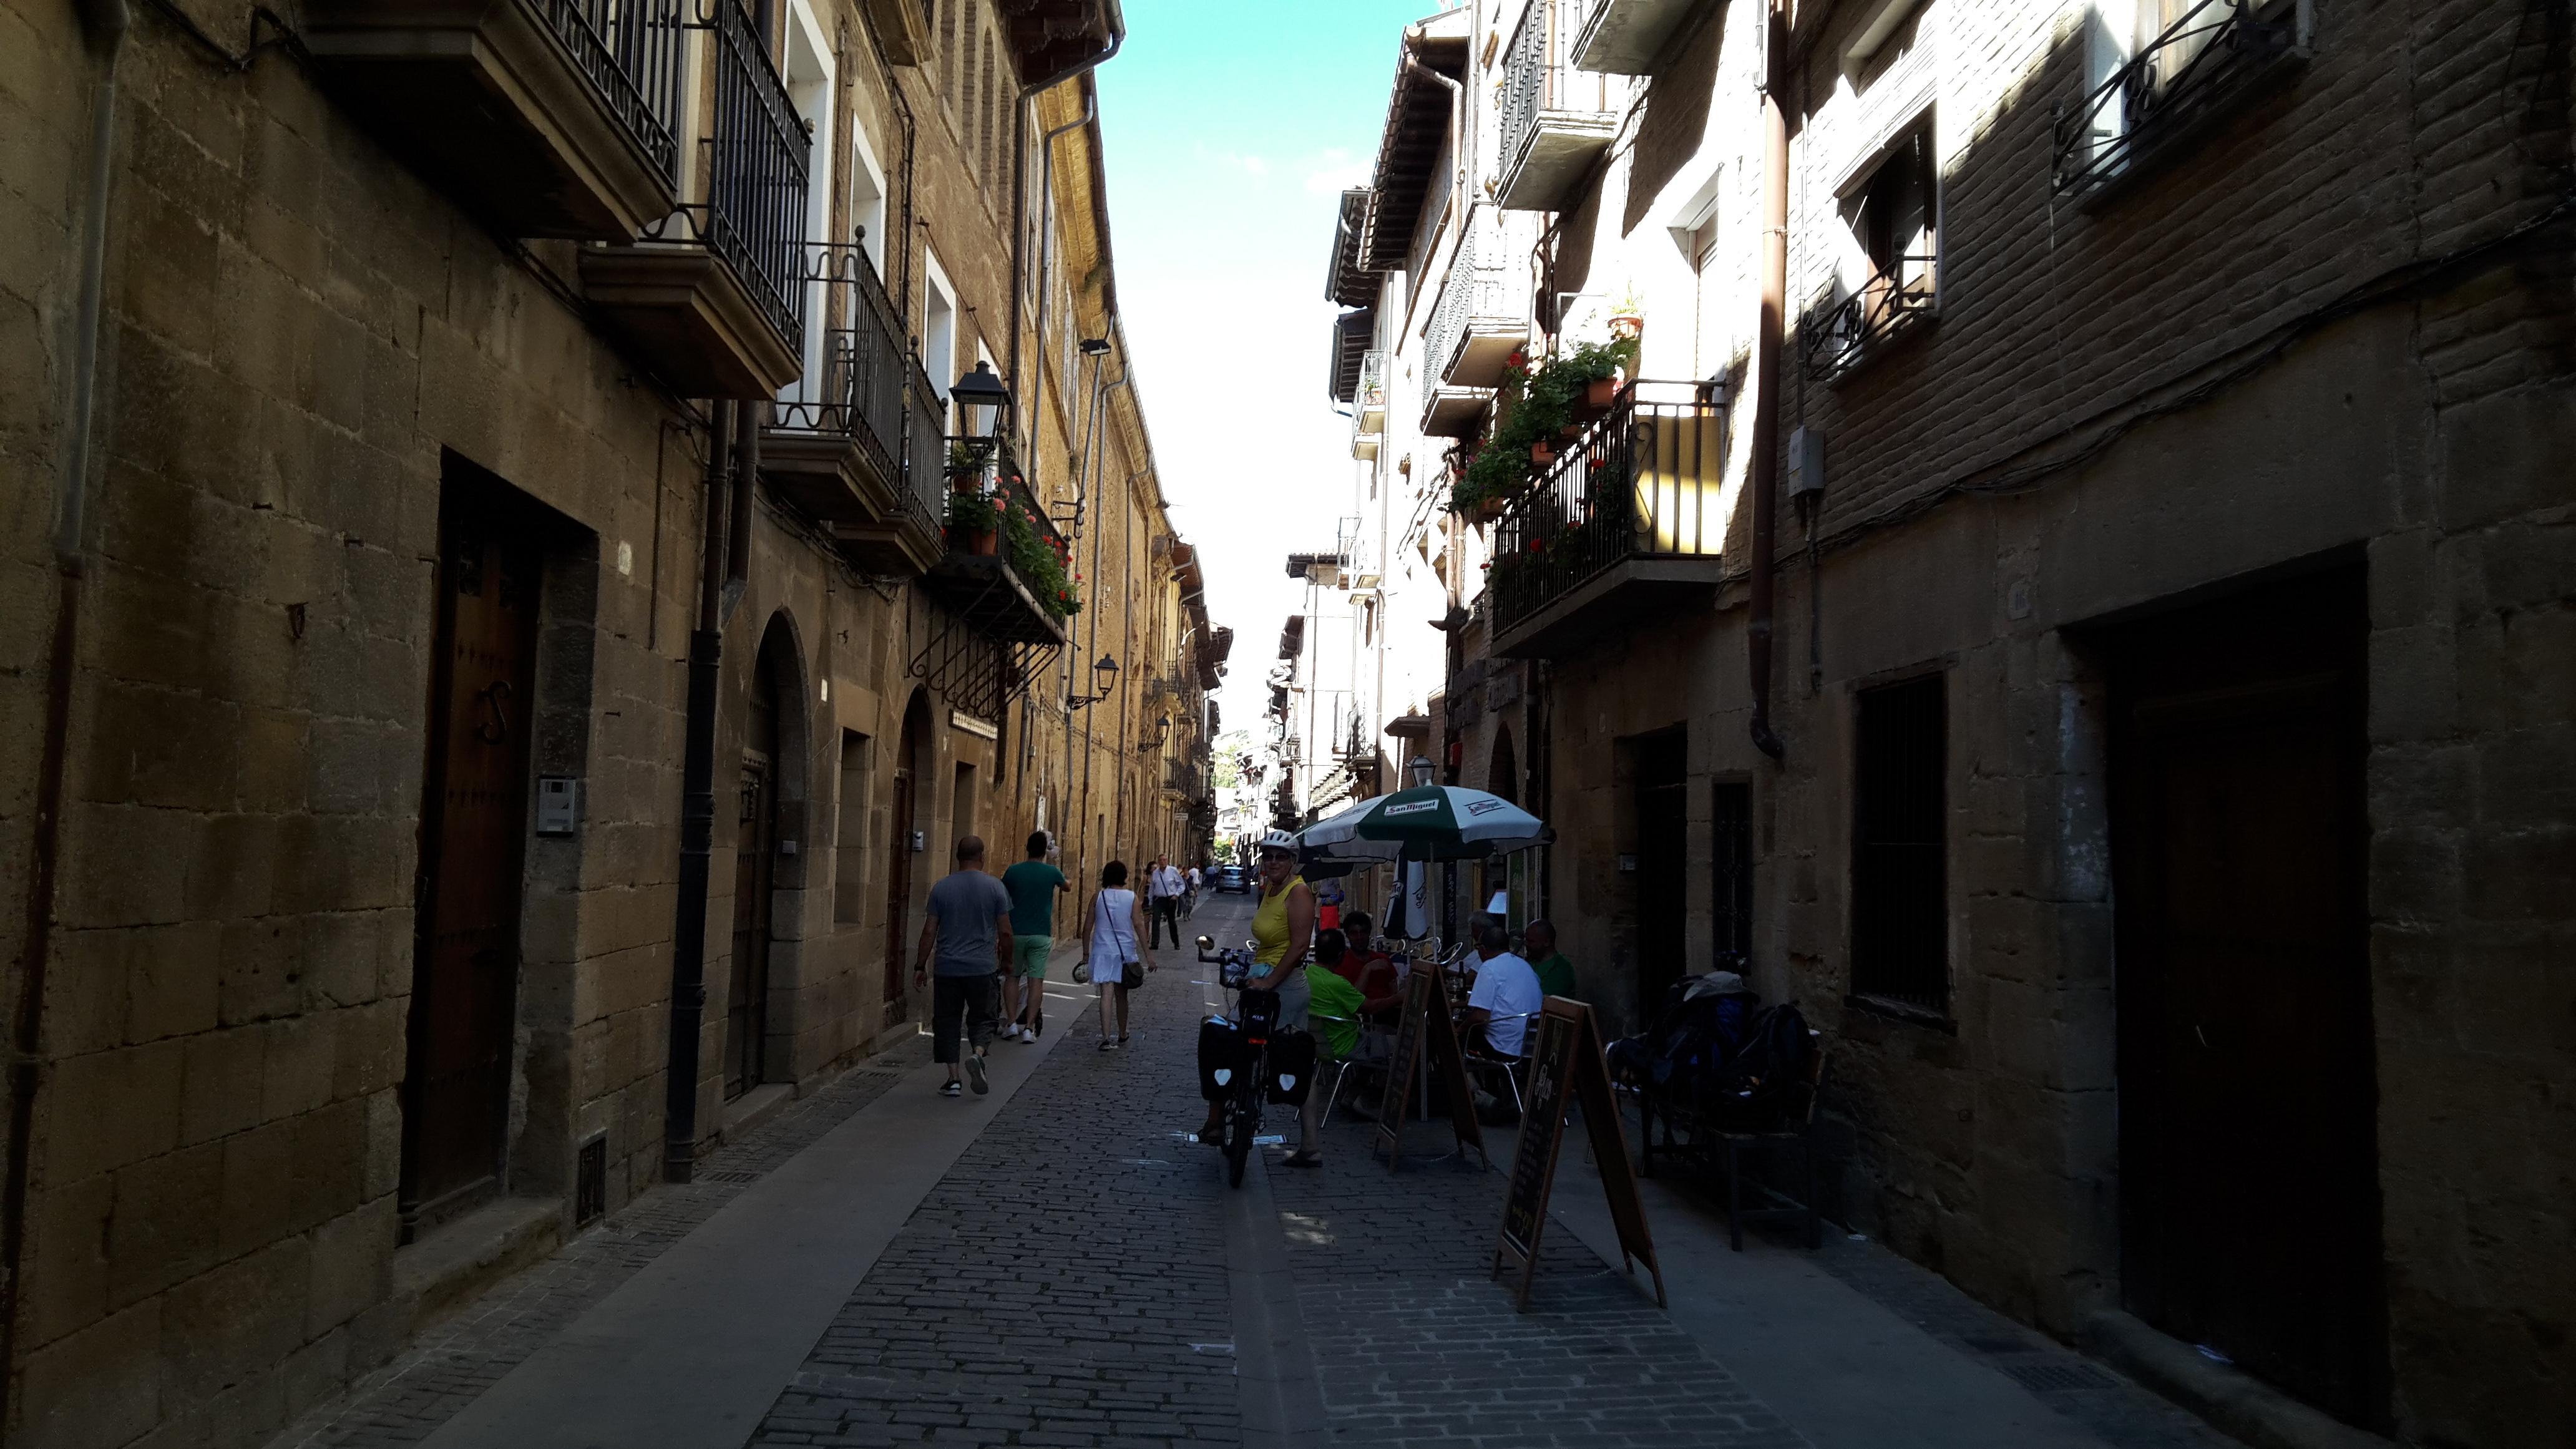 Puente la Reina a városközpont felé haladva.